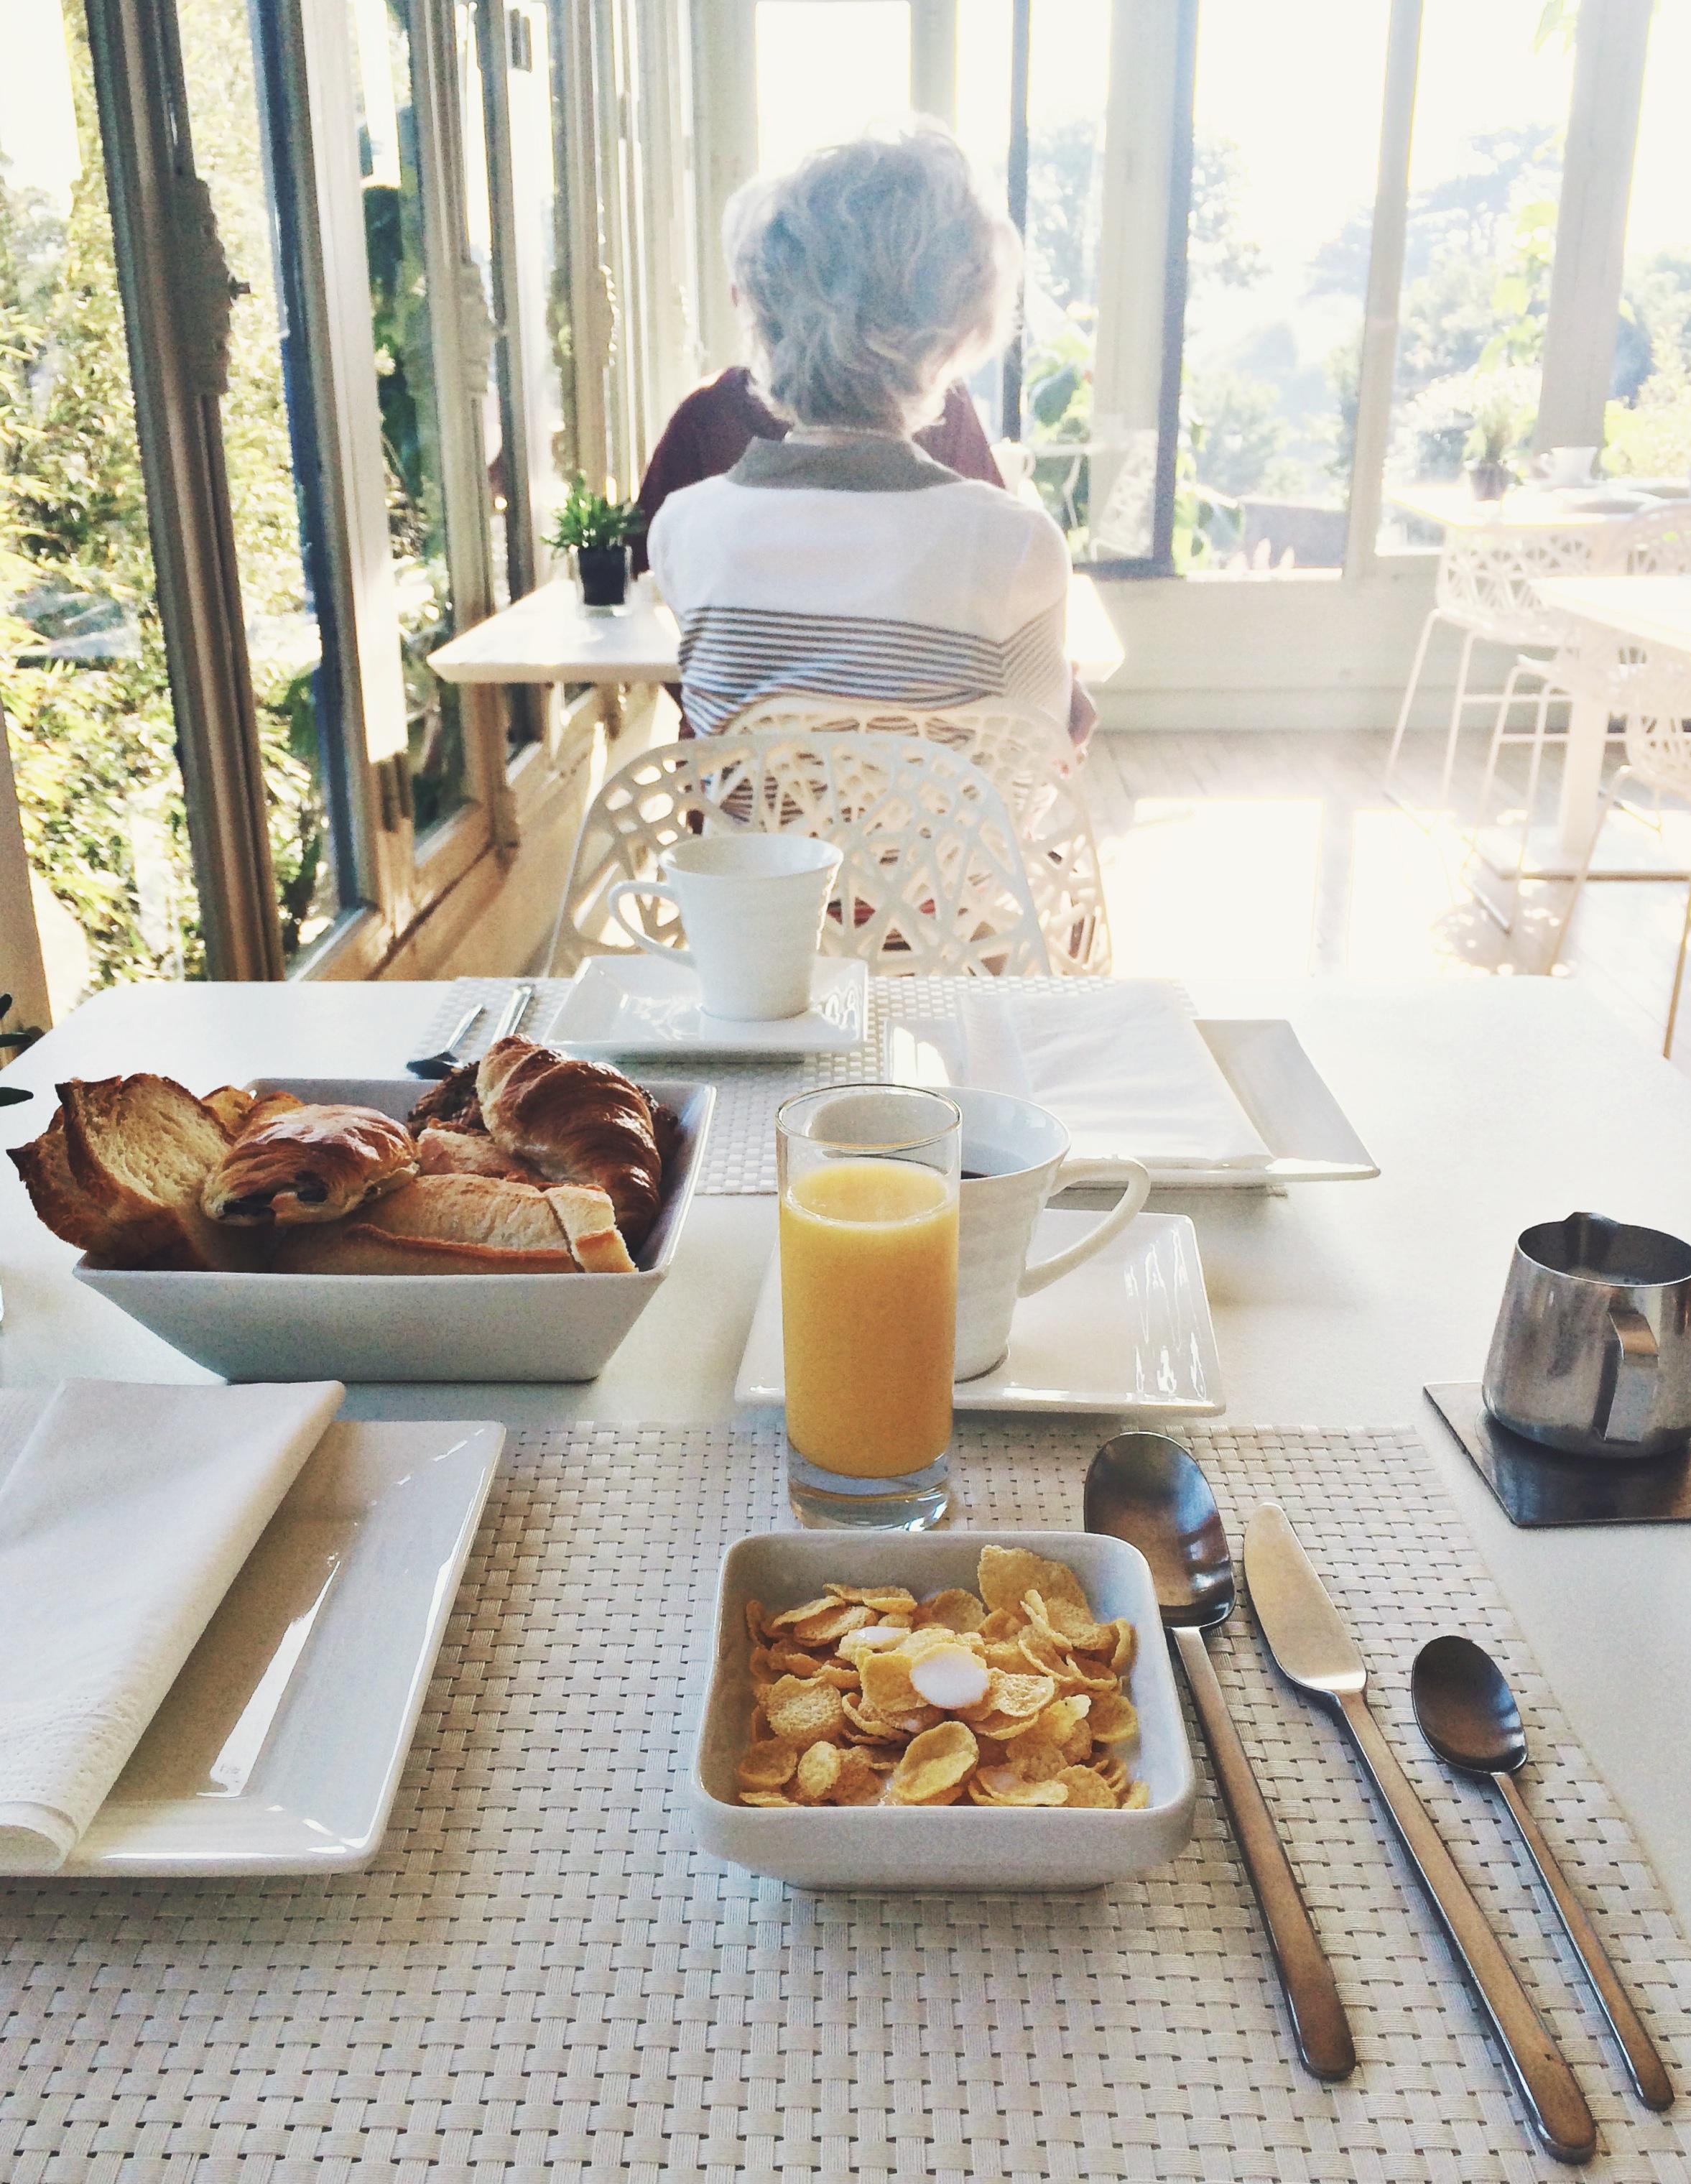 Dreamy breakfast in the dreamy dining room